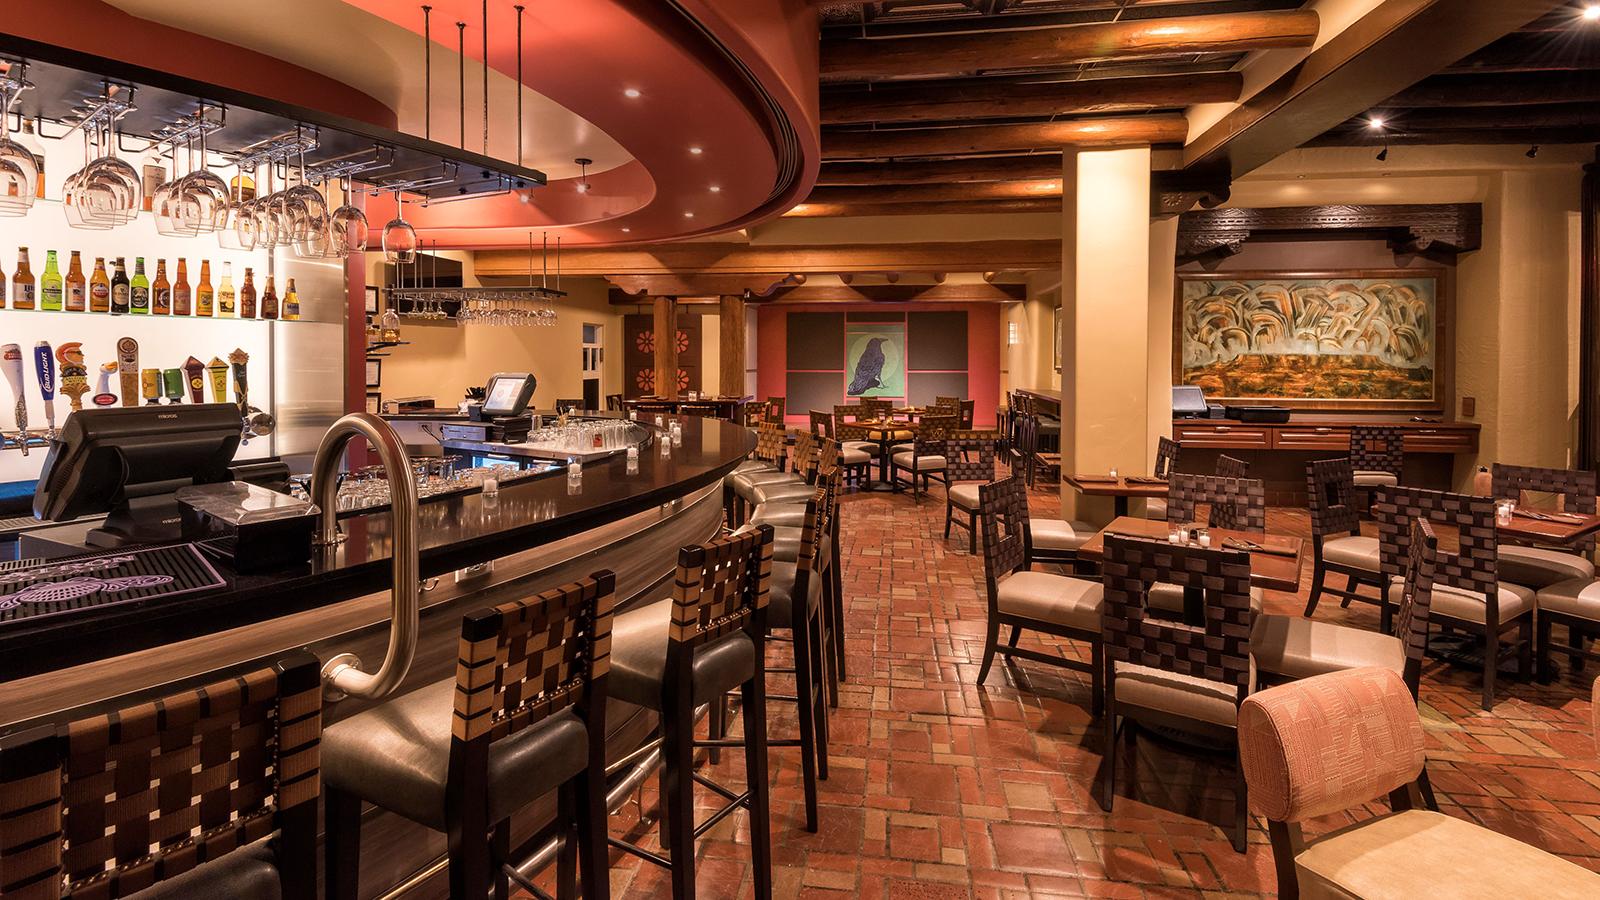 Image of La Plazuela Restaurant, La Fonda in Santa Fe, New Mexico, 1922, Member of Historic Hotels of America, Taste